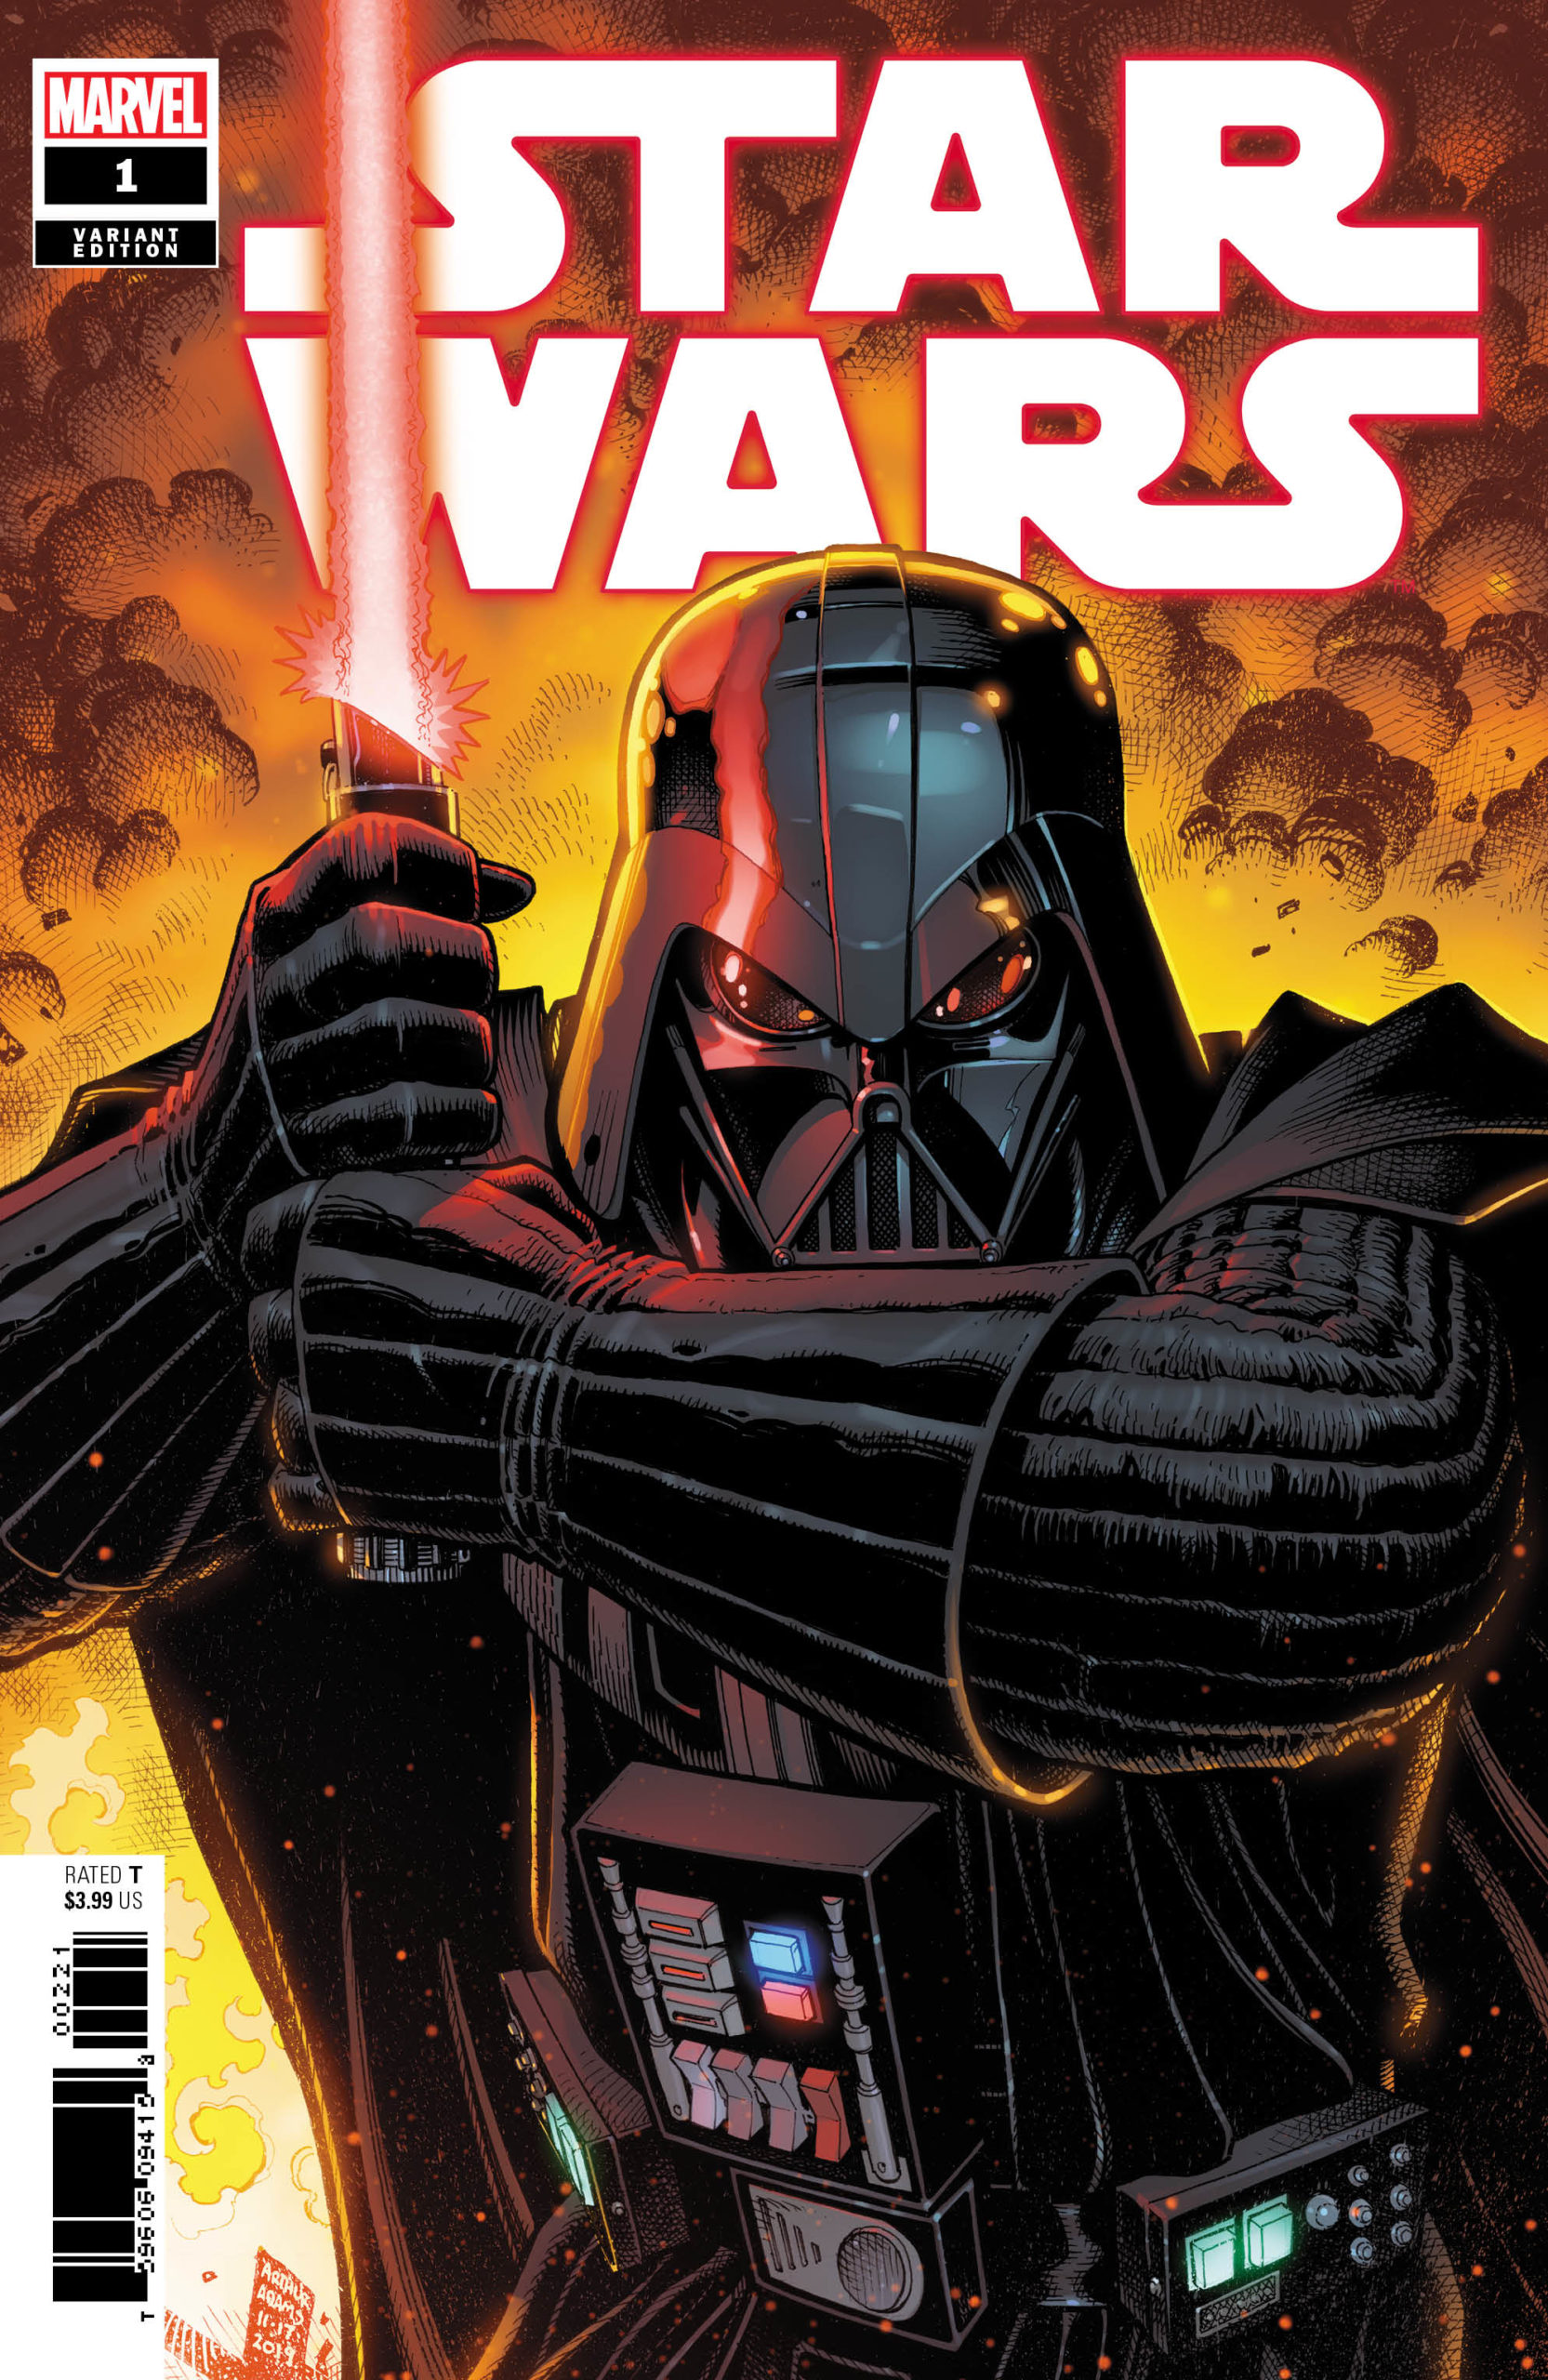 Star Wars #1 (Arthur Adams Variant Cover) (01.01.2020)